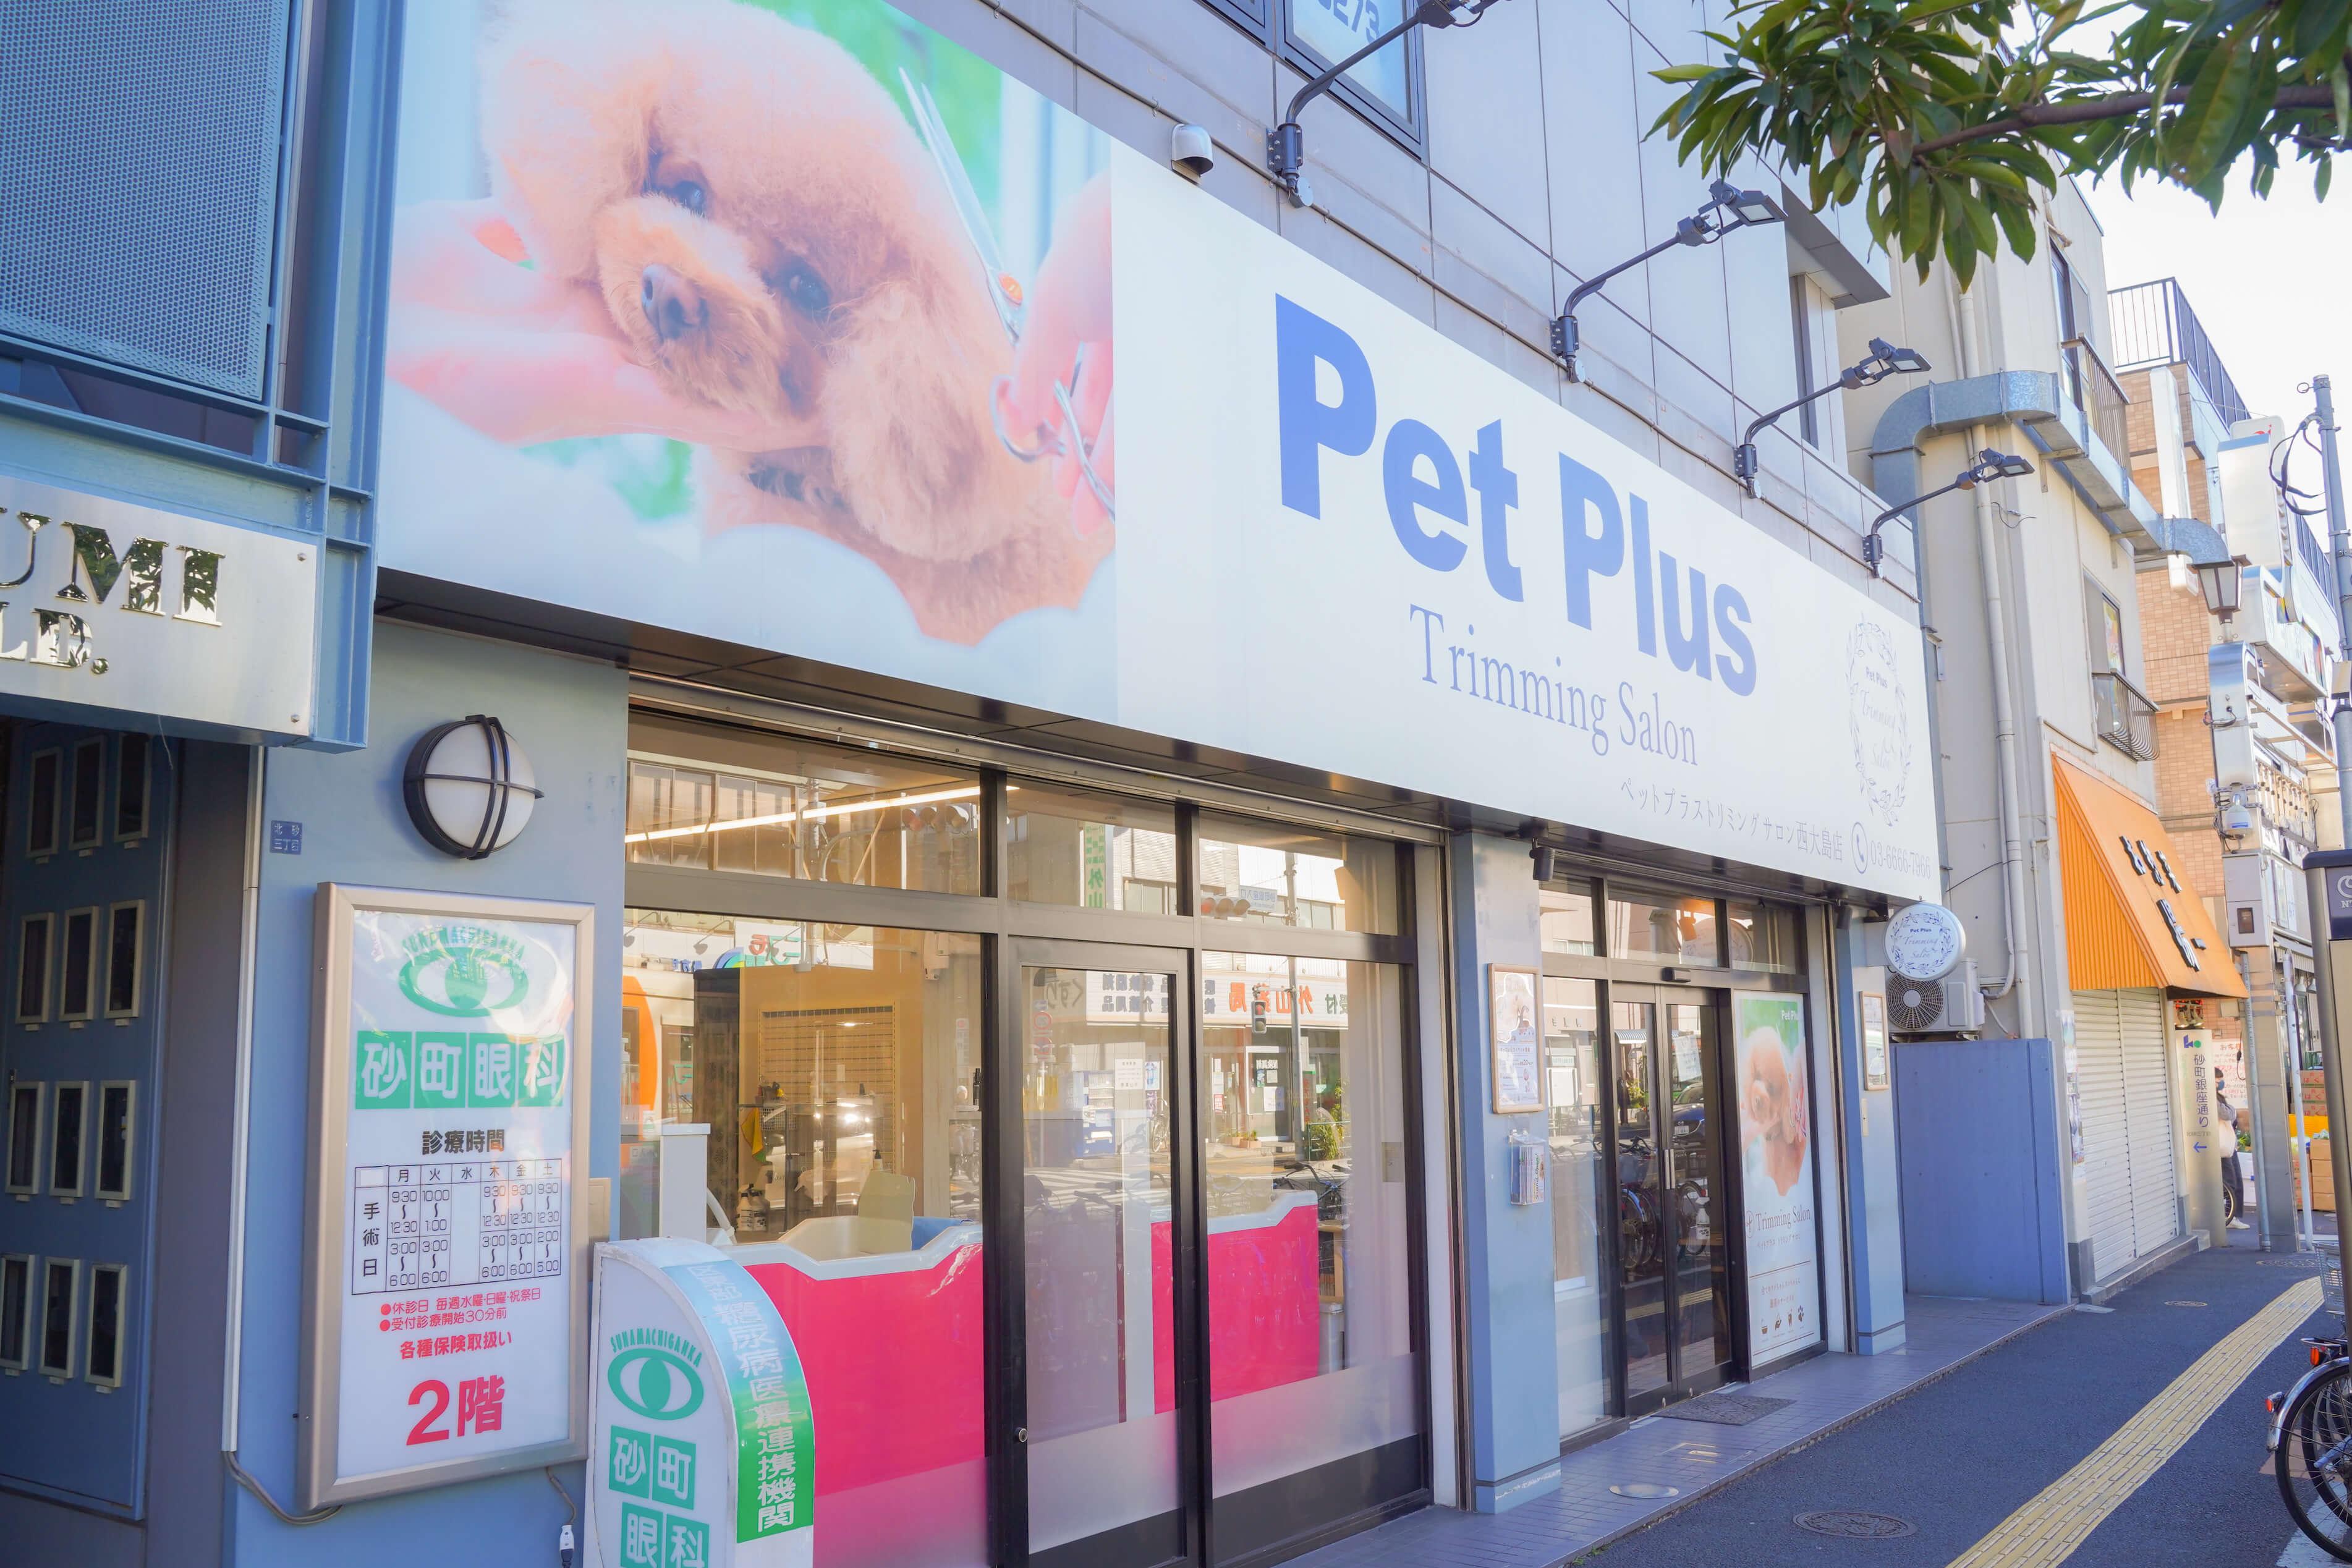 ペットプラストリミングサロン西大島店